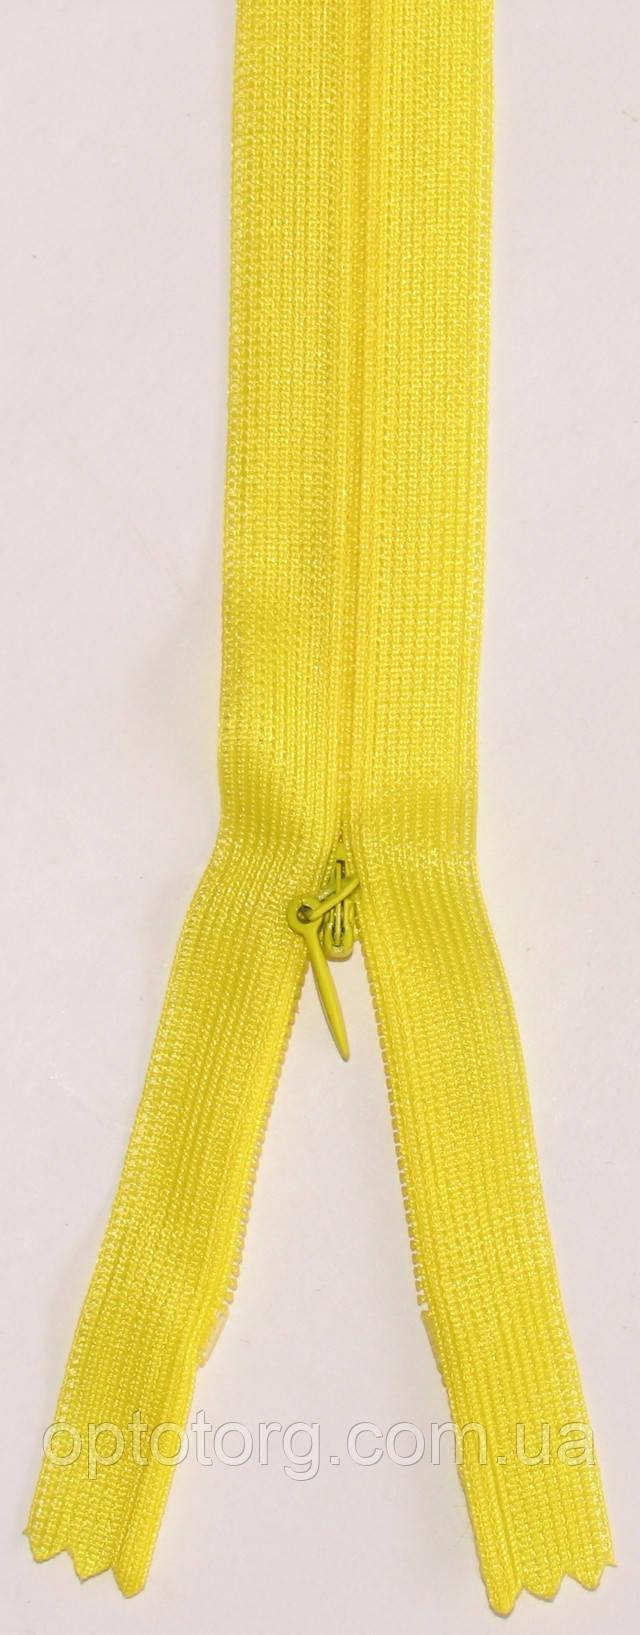 Потайная неразъёмная молния светло желтого цвета одинарная длина 50см оптом от optotorg.com.ua